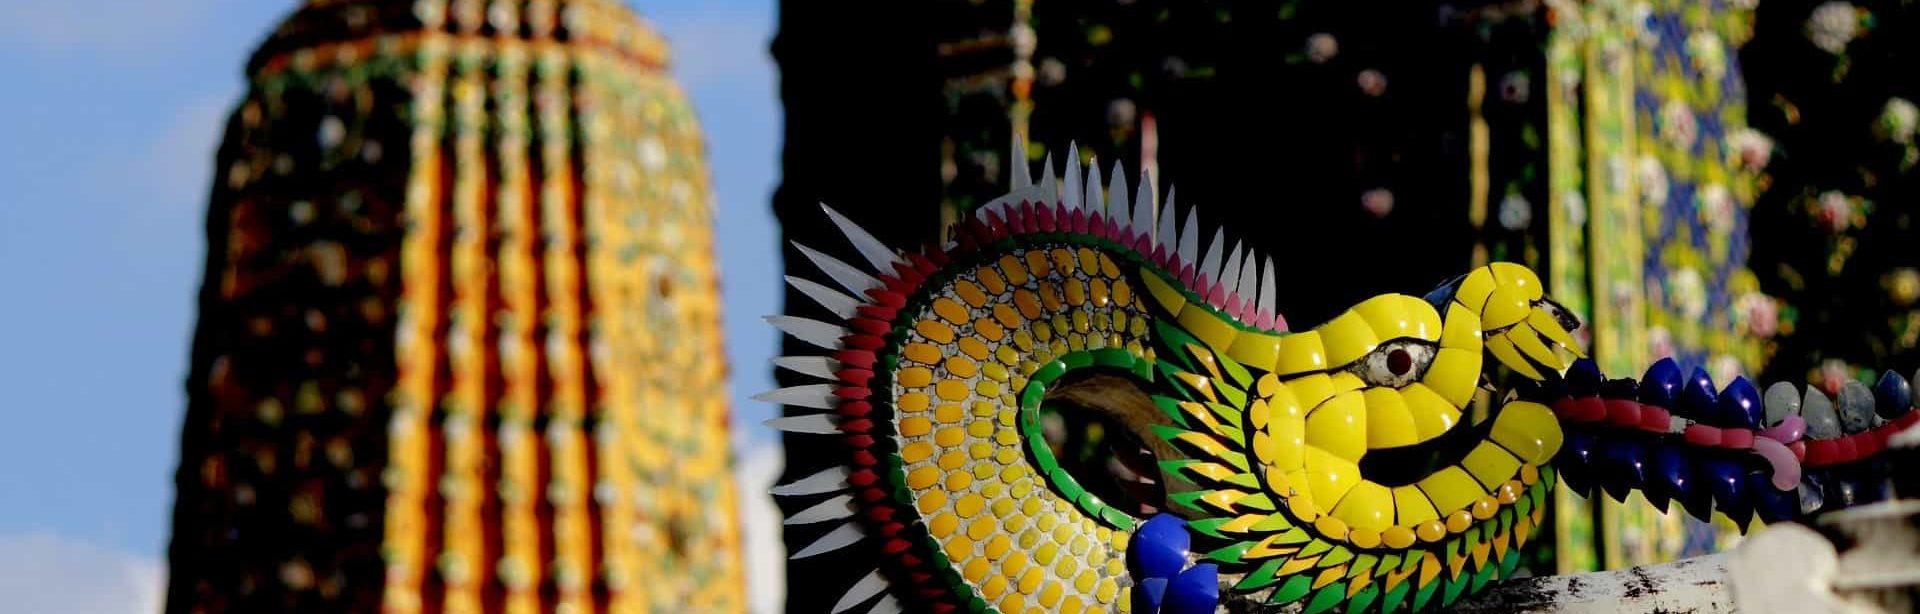 Quanto custa uma viagem para a Tailândia?